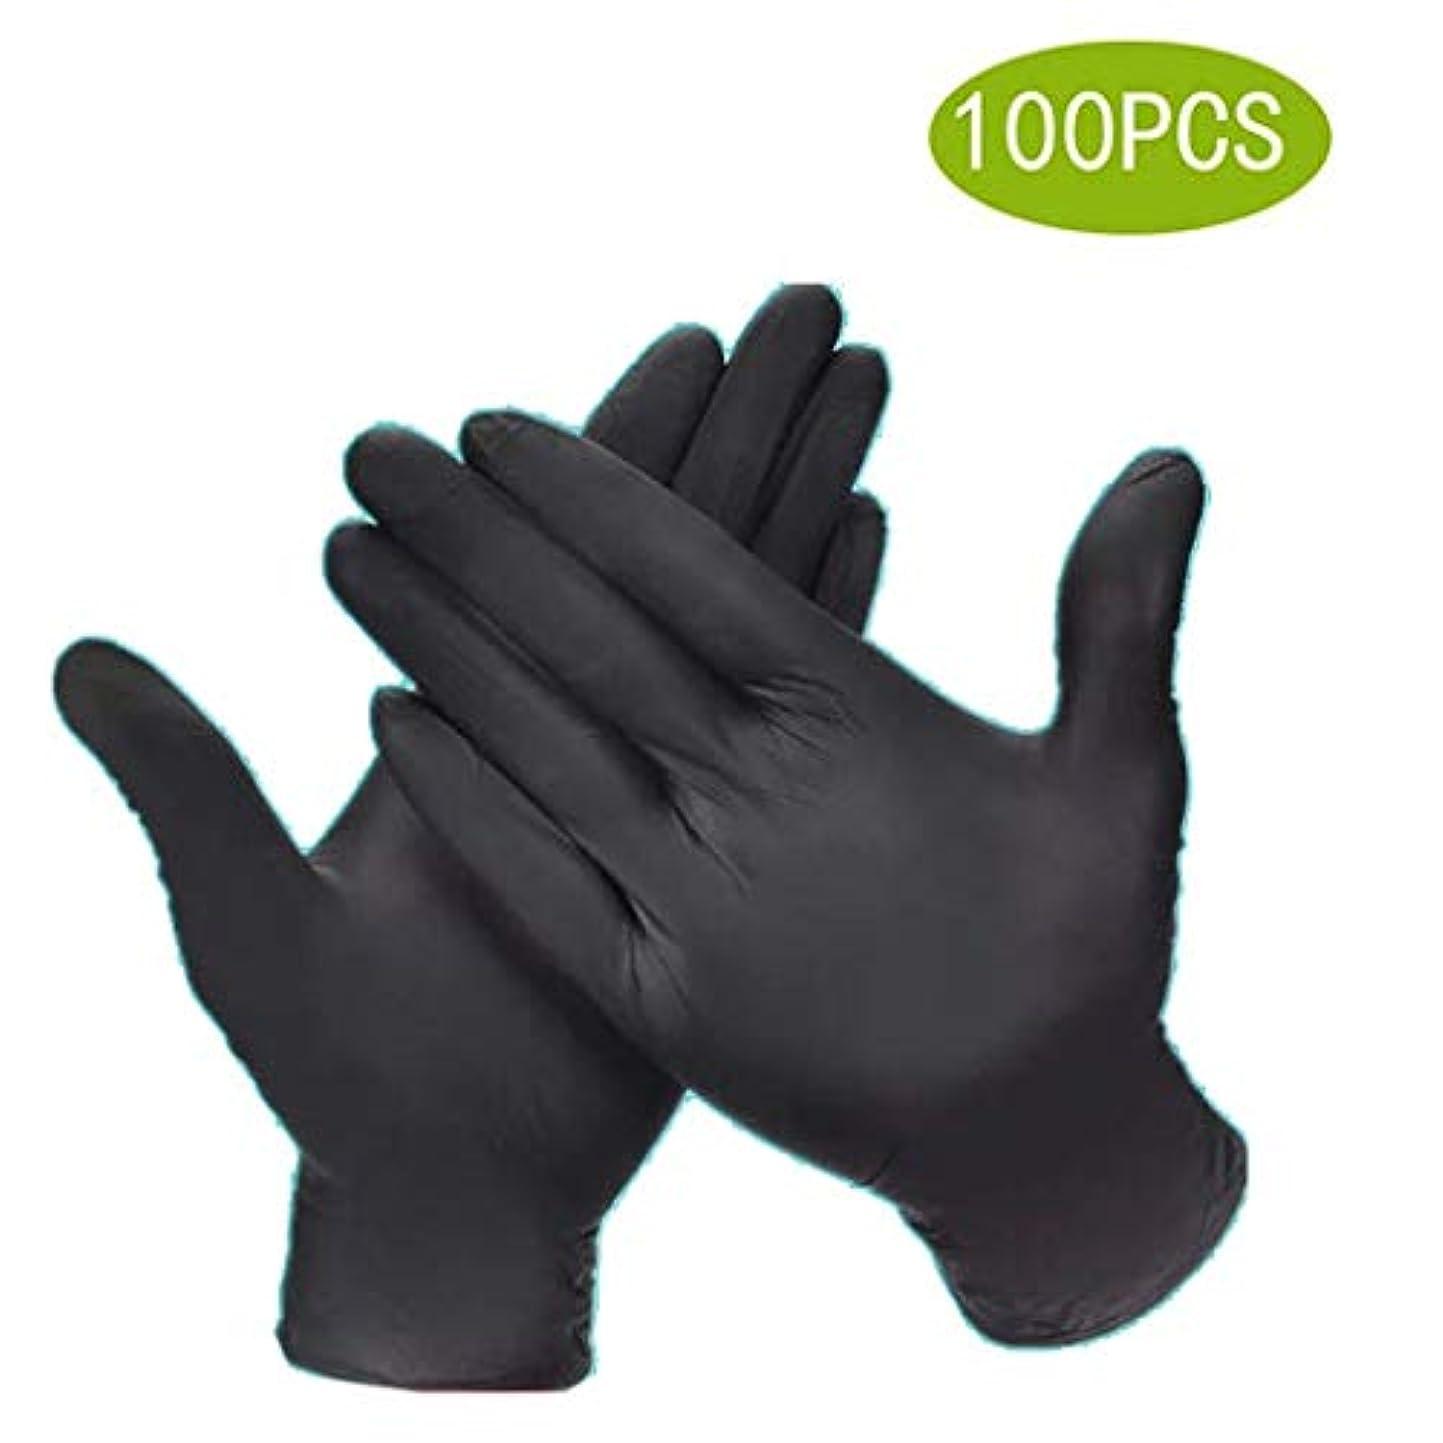 フローティングどっちこねる使い捨て手袋食品ケータリング手術ディンチン厚い黒滑り止め酸とアルカリキッチン試験/食品グレード安全用品、使い捨てハンドグローブディスペンサー[100個] (Size : M)